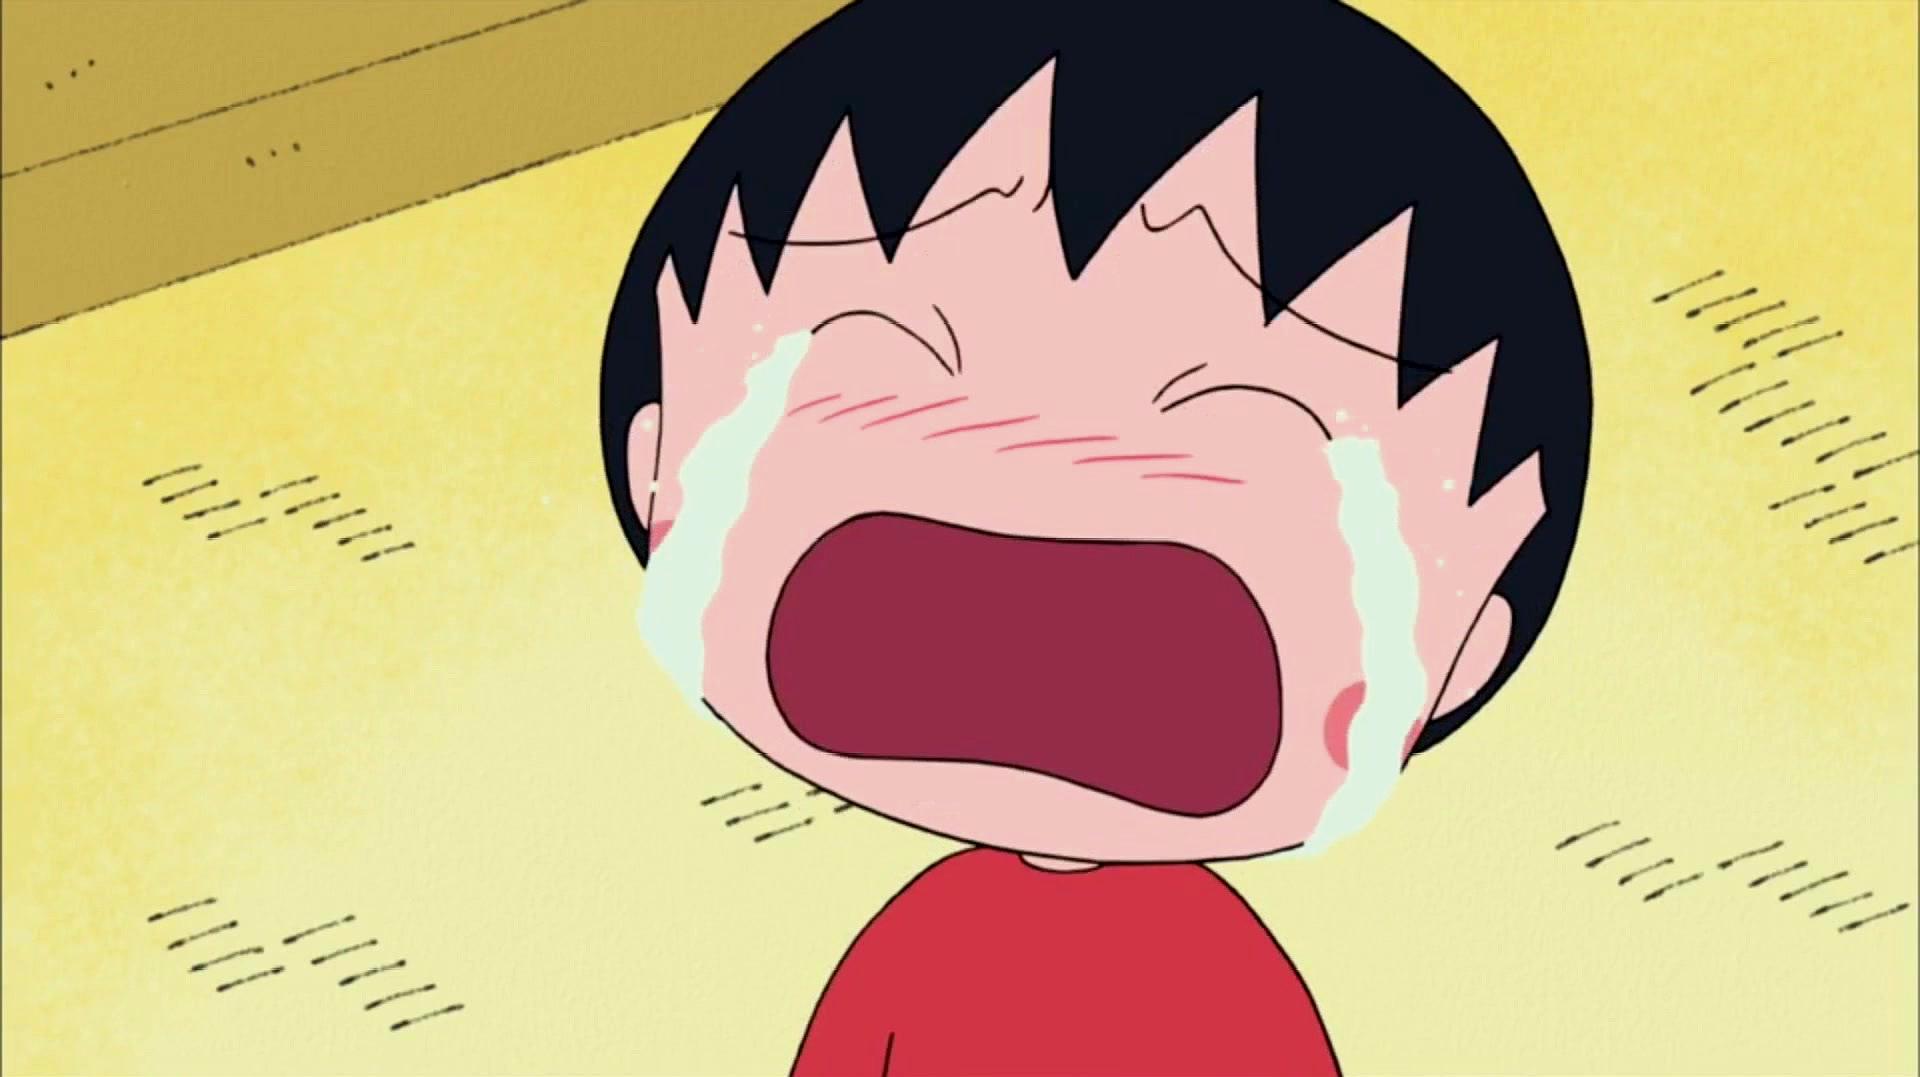 樱桃小丸子:原来小时候的丸子就这么不讲理啊,要我我也生气